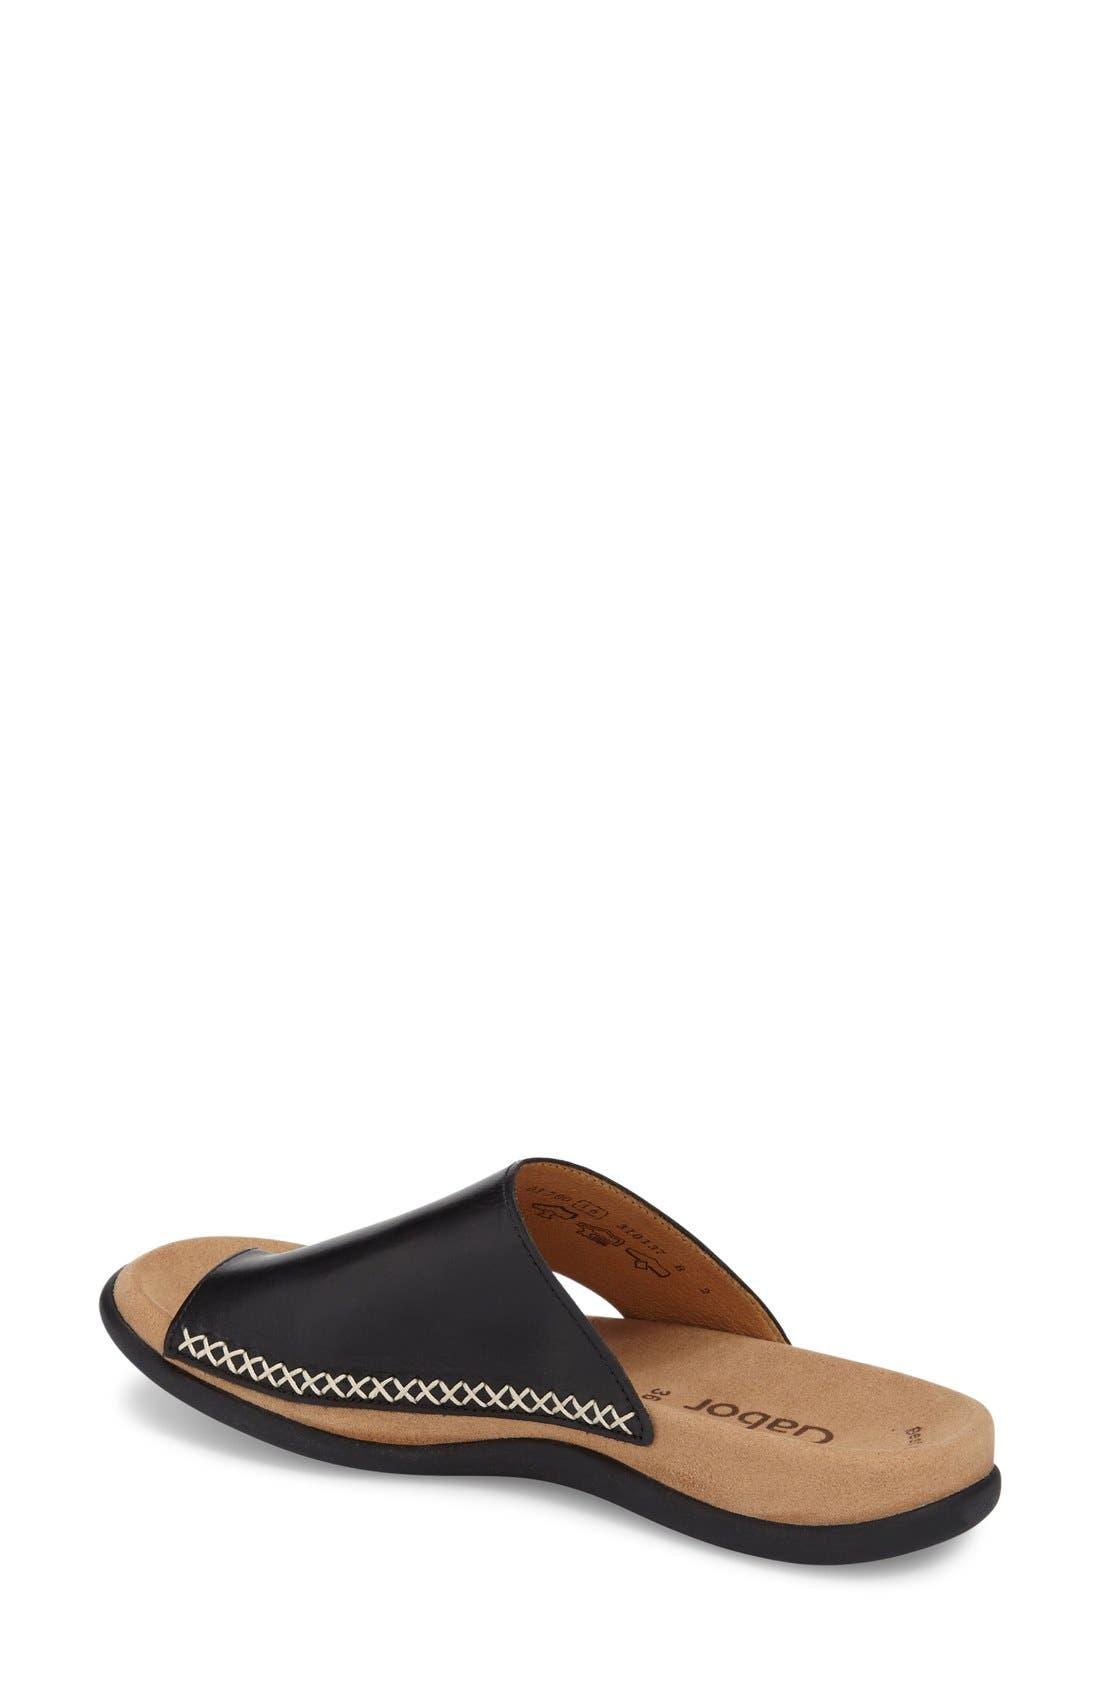 Toe Loop Sandal,                             Alternate thumbnail 2, color,                             Black Nubuck Leather